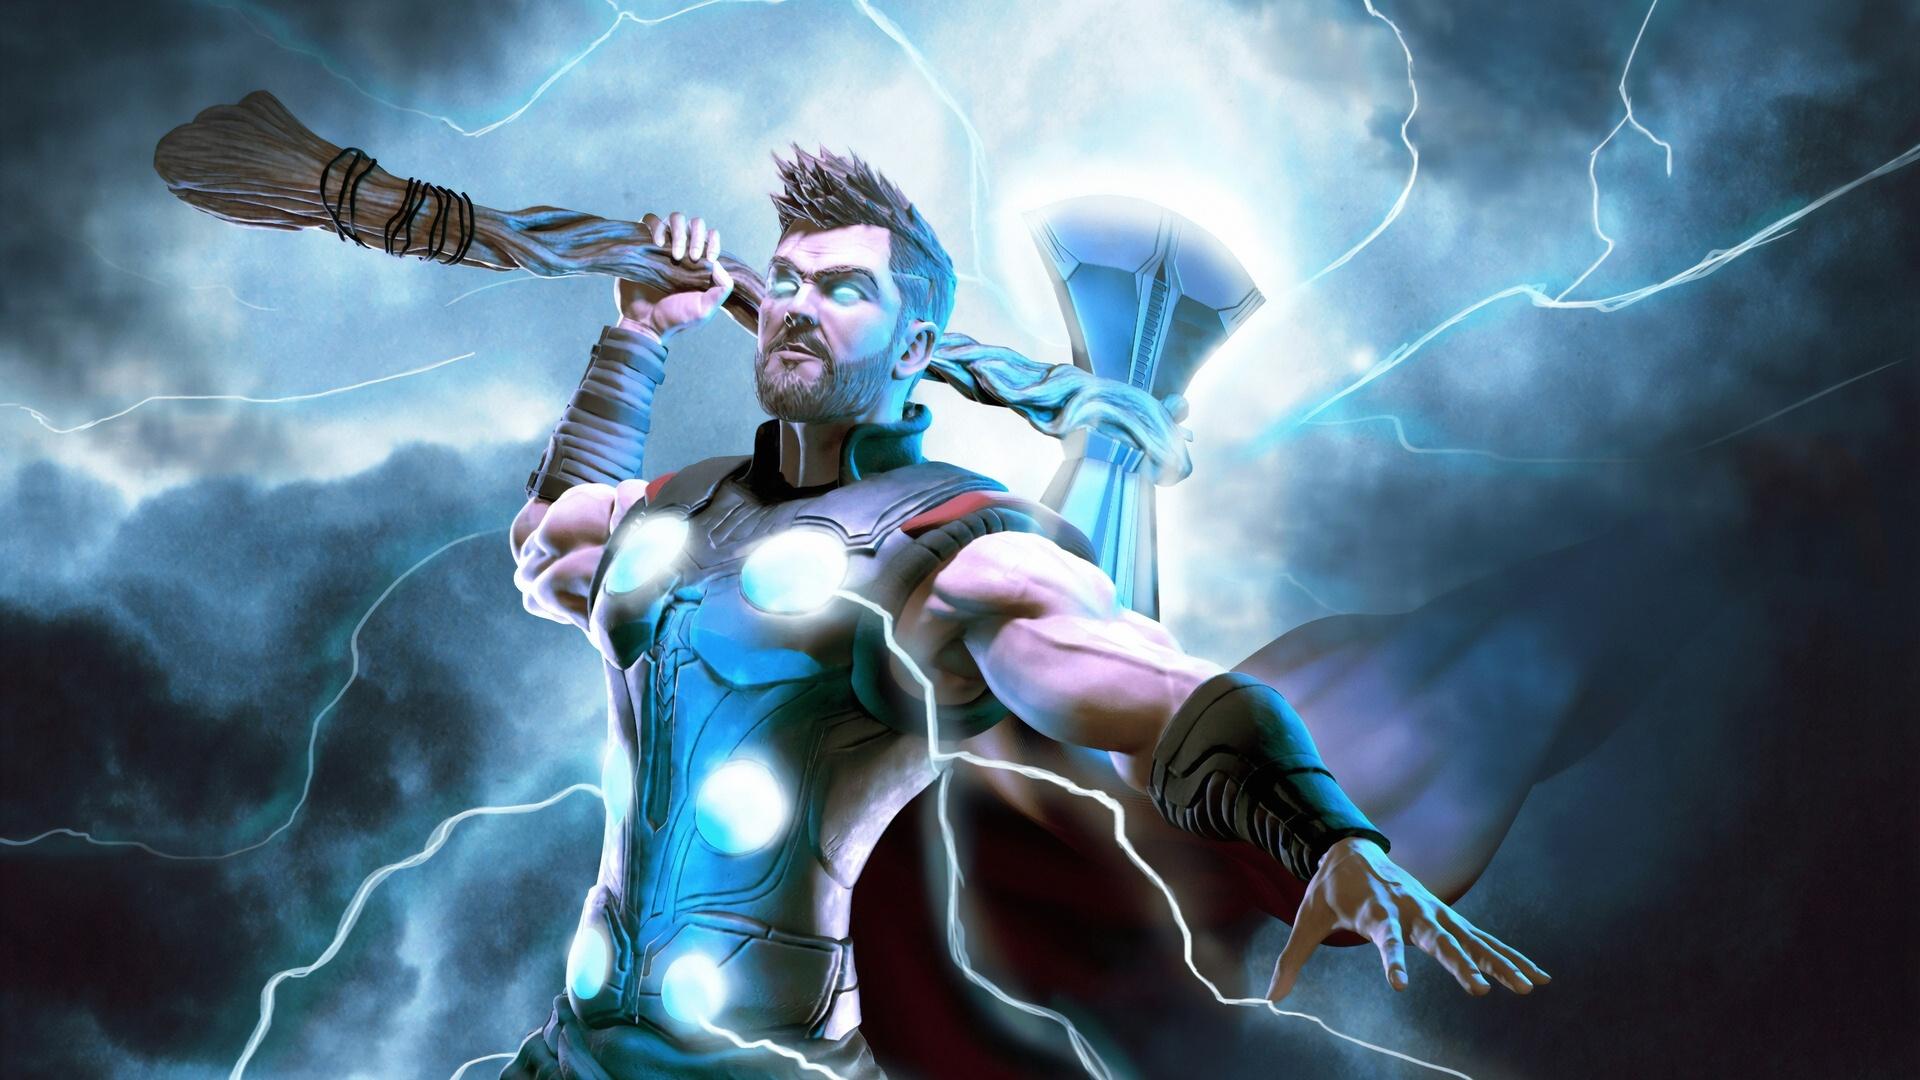 Thor free photo